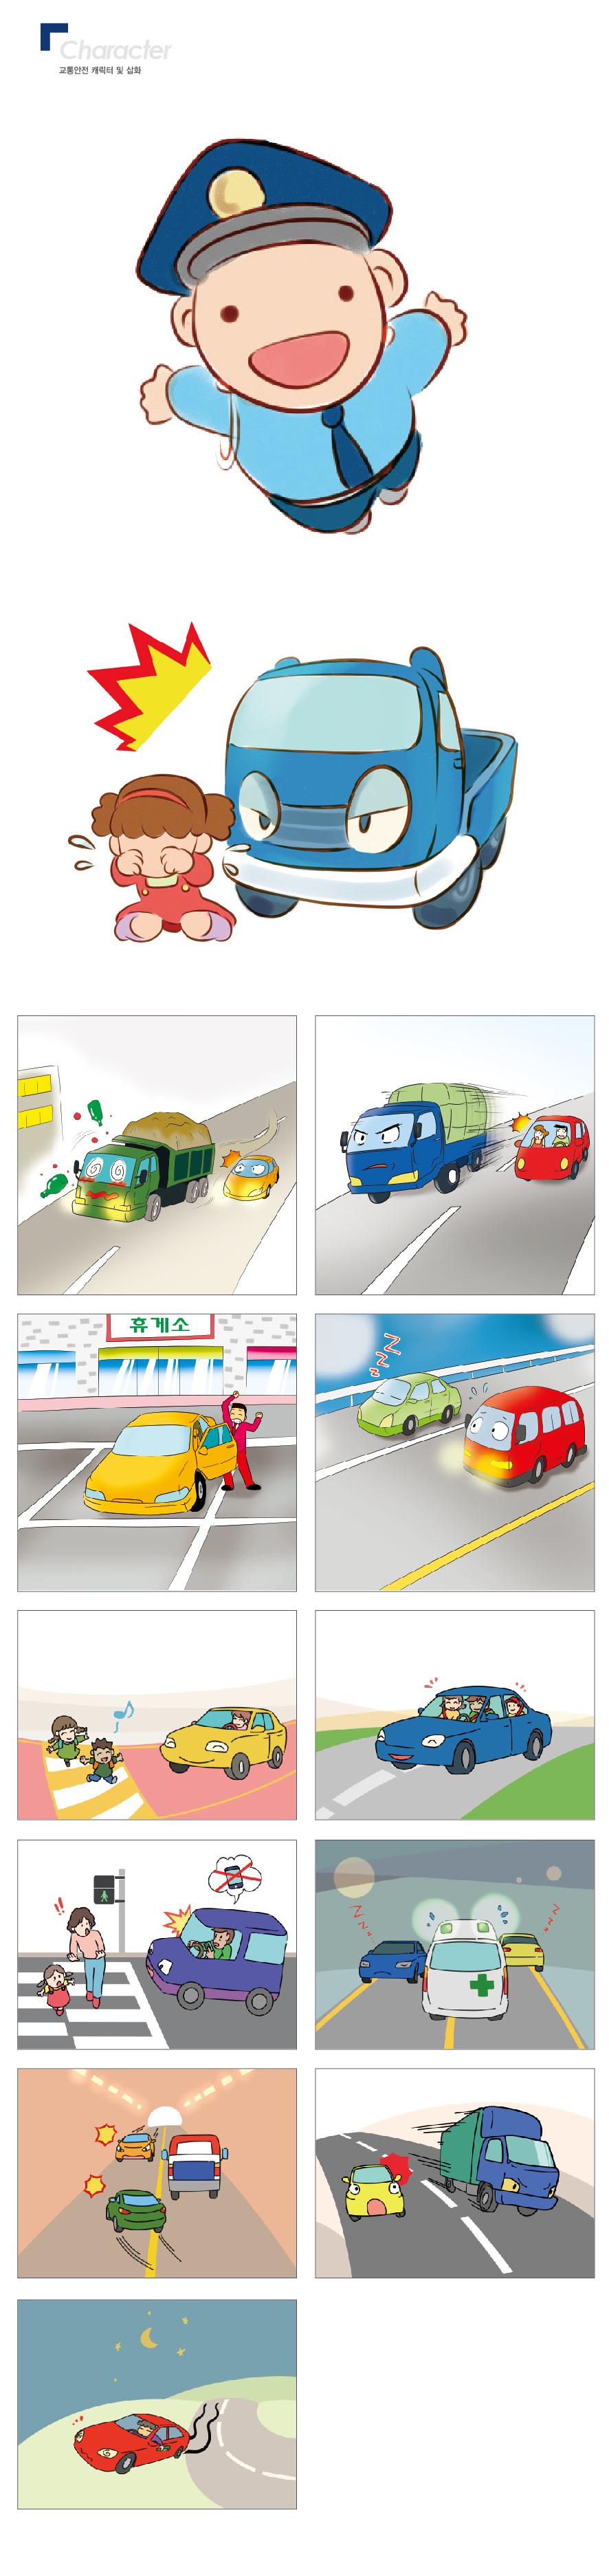 04 교통안전 캐릭터 및 삽화.jpg